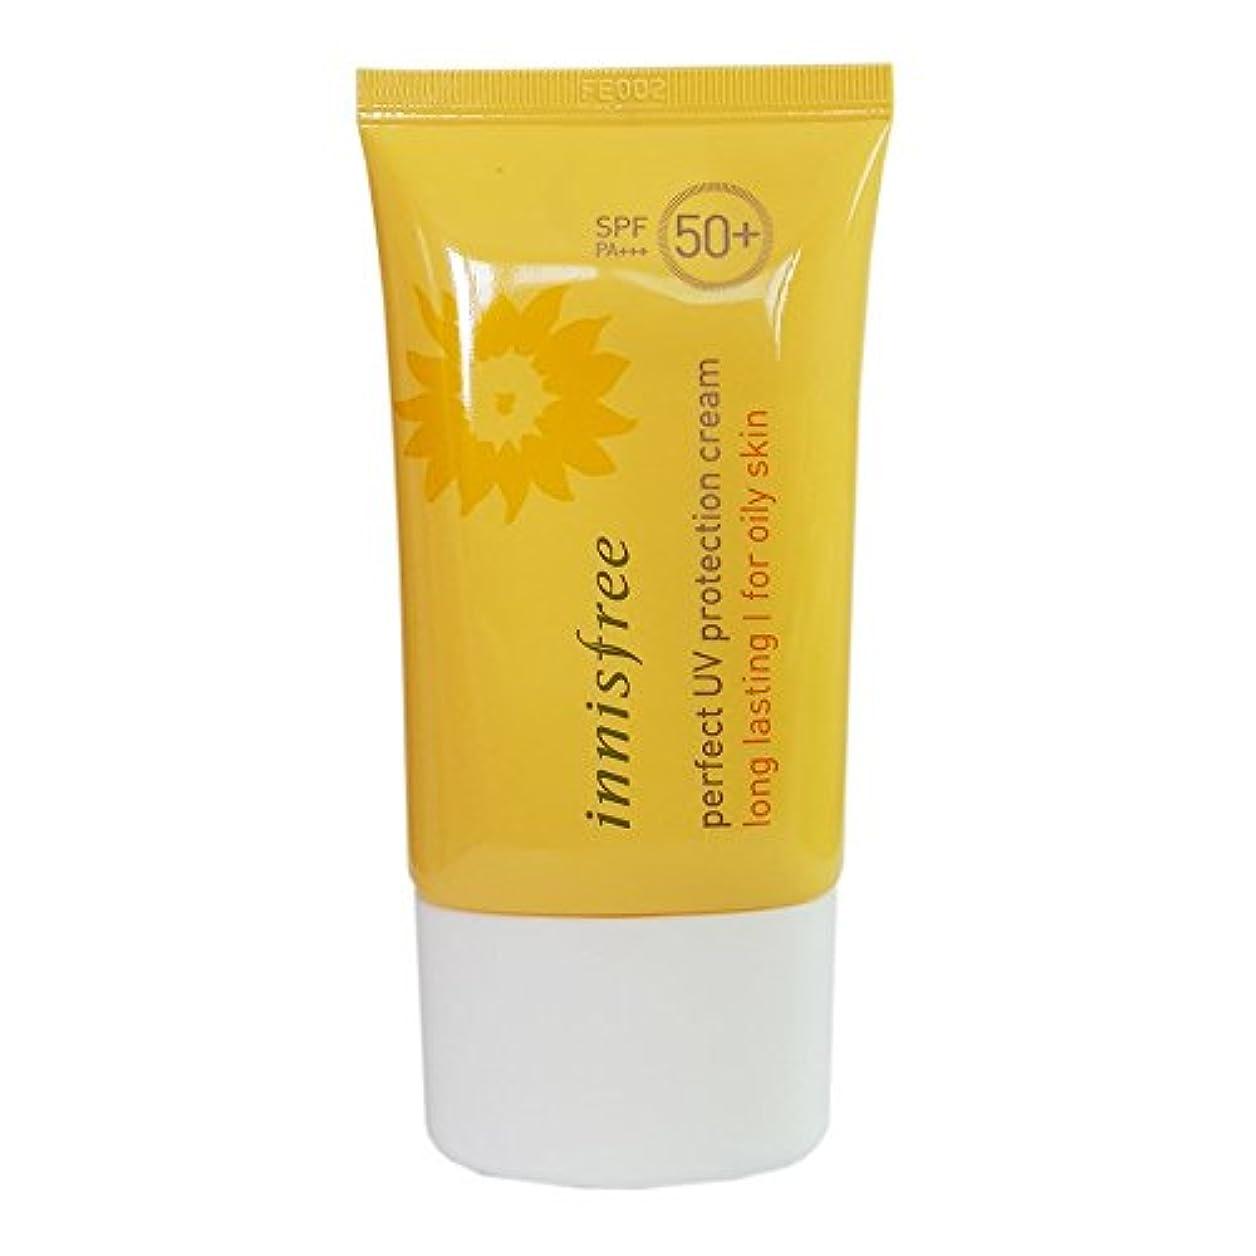 拒絶もちろん[イニスプリー]Innisfree パーフェクトUVプロテクションクリームロング?ラスティング 脂複合性肌用 SPF50+PA+++ 50ml Innisfree Perfect UV Protection Cream...